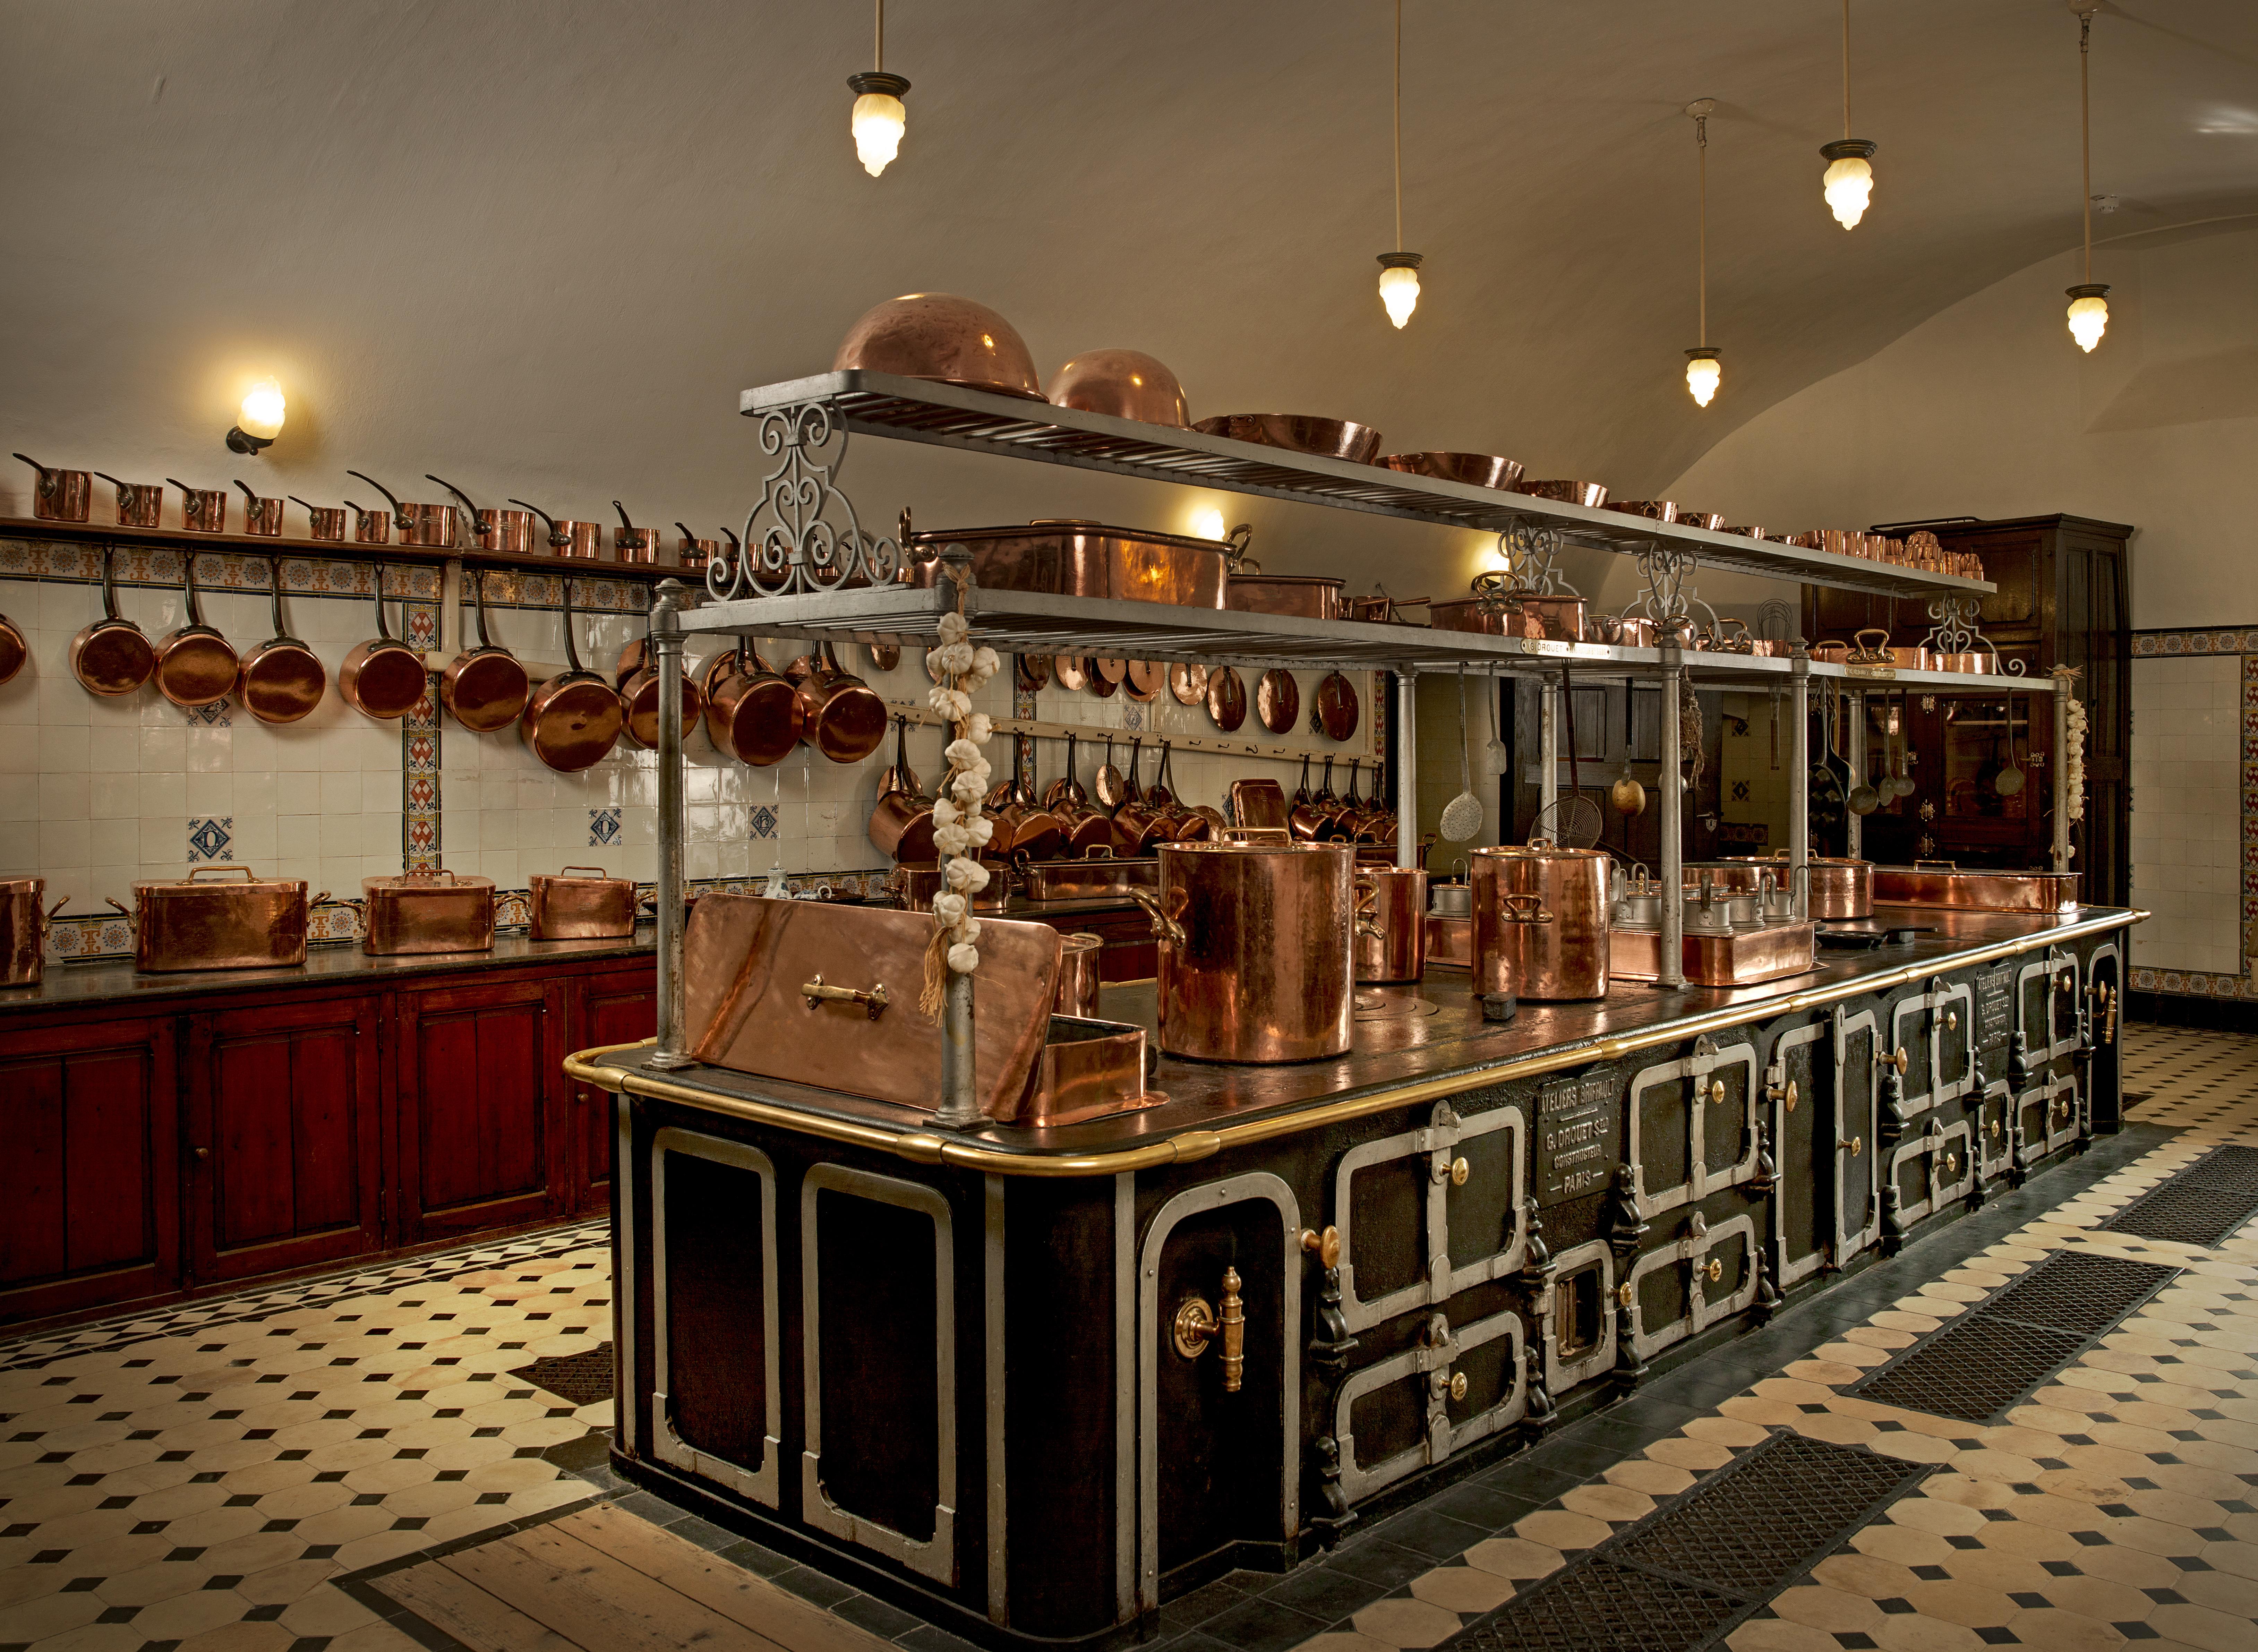 De Haar Keukens : Een kijkje in de keuken van kasteel de haar digitale kunstkrant